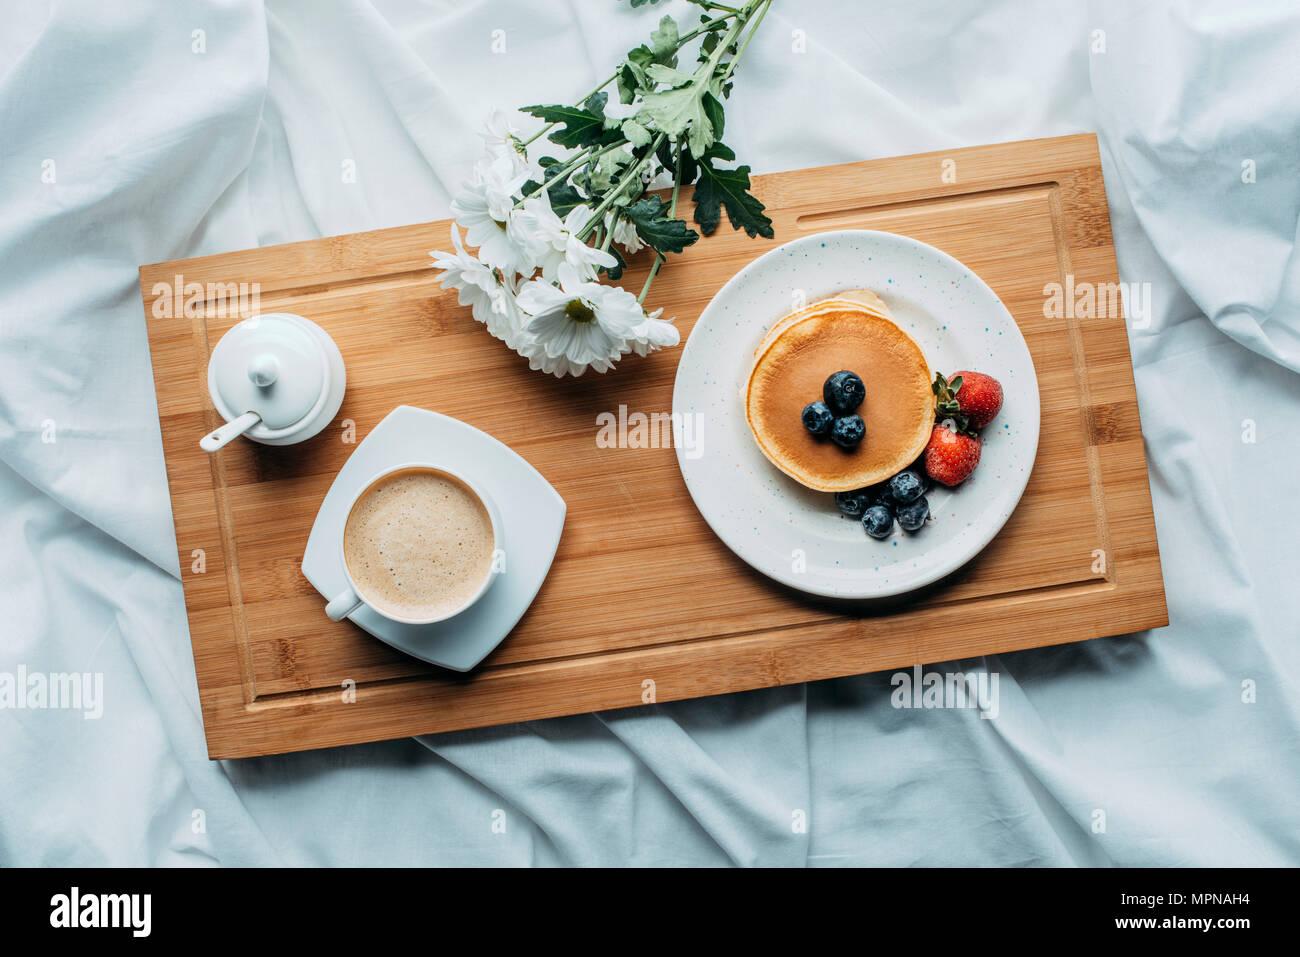 Draufsicht auf das Frühstück im Bett, mit leckeren Pfannkuchen und Kaffee auf Holz- fach Stockbild